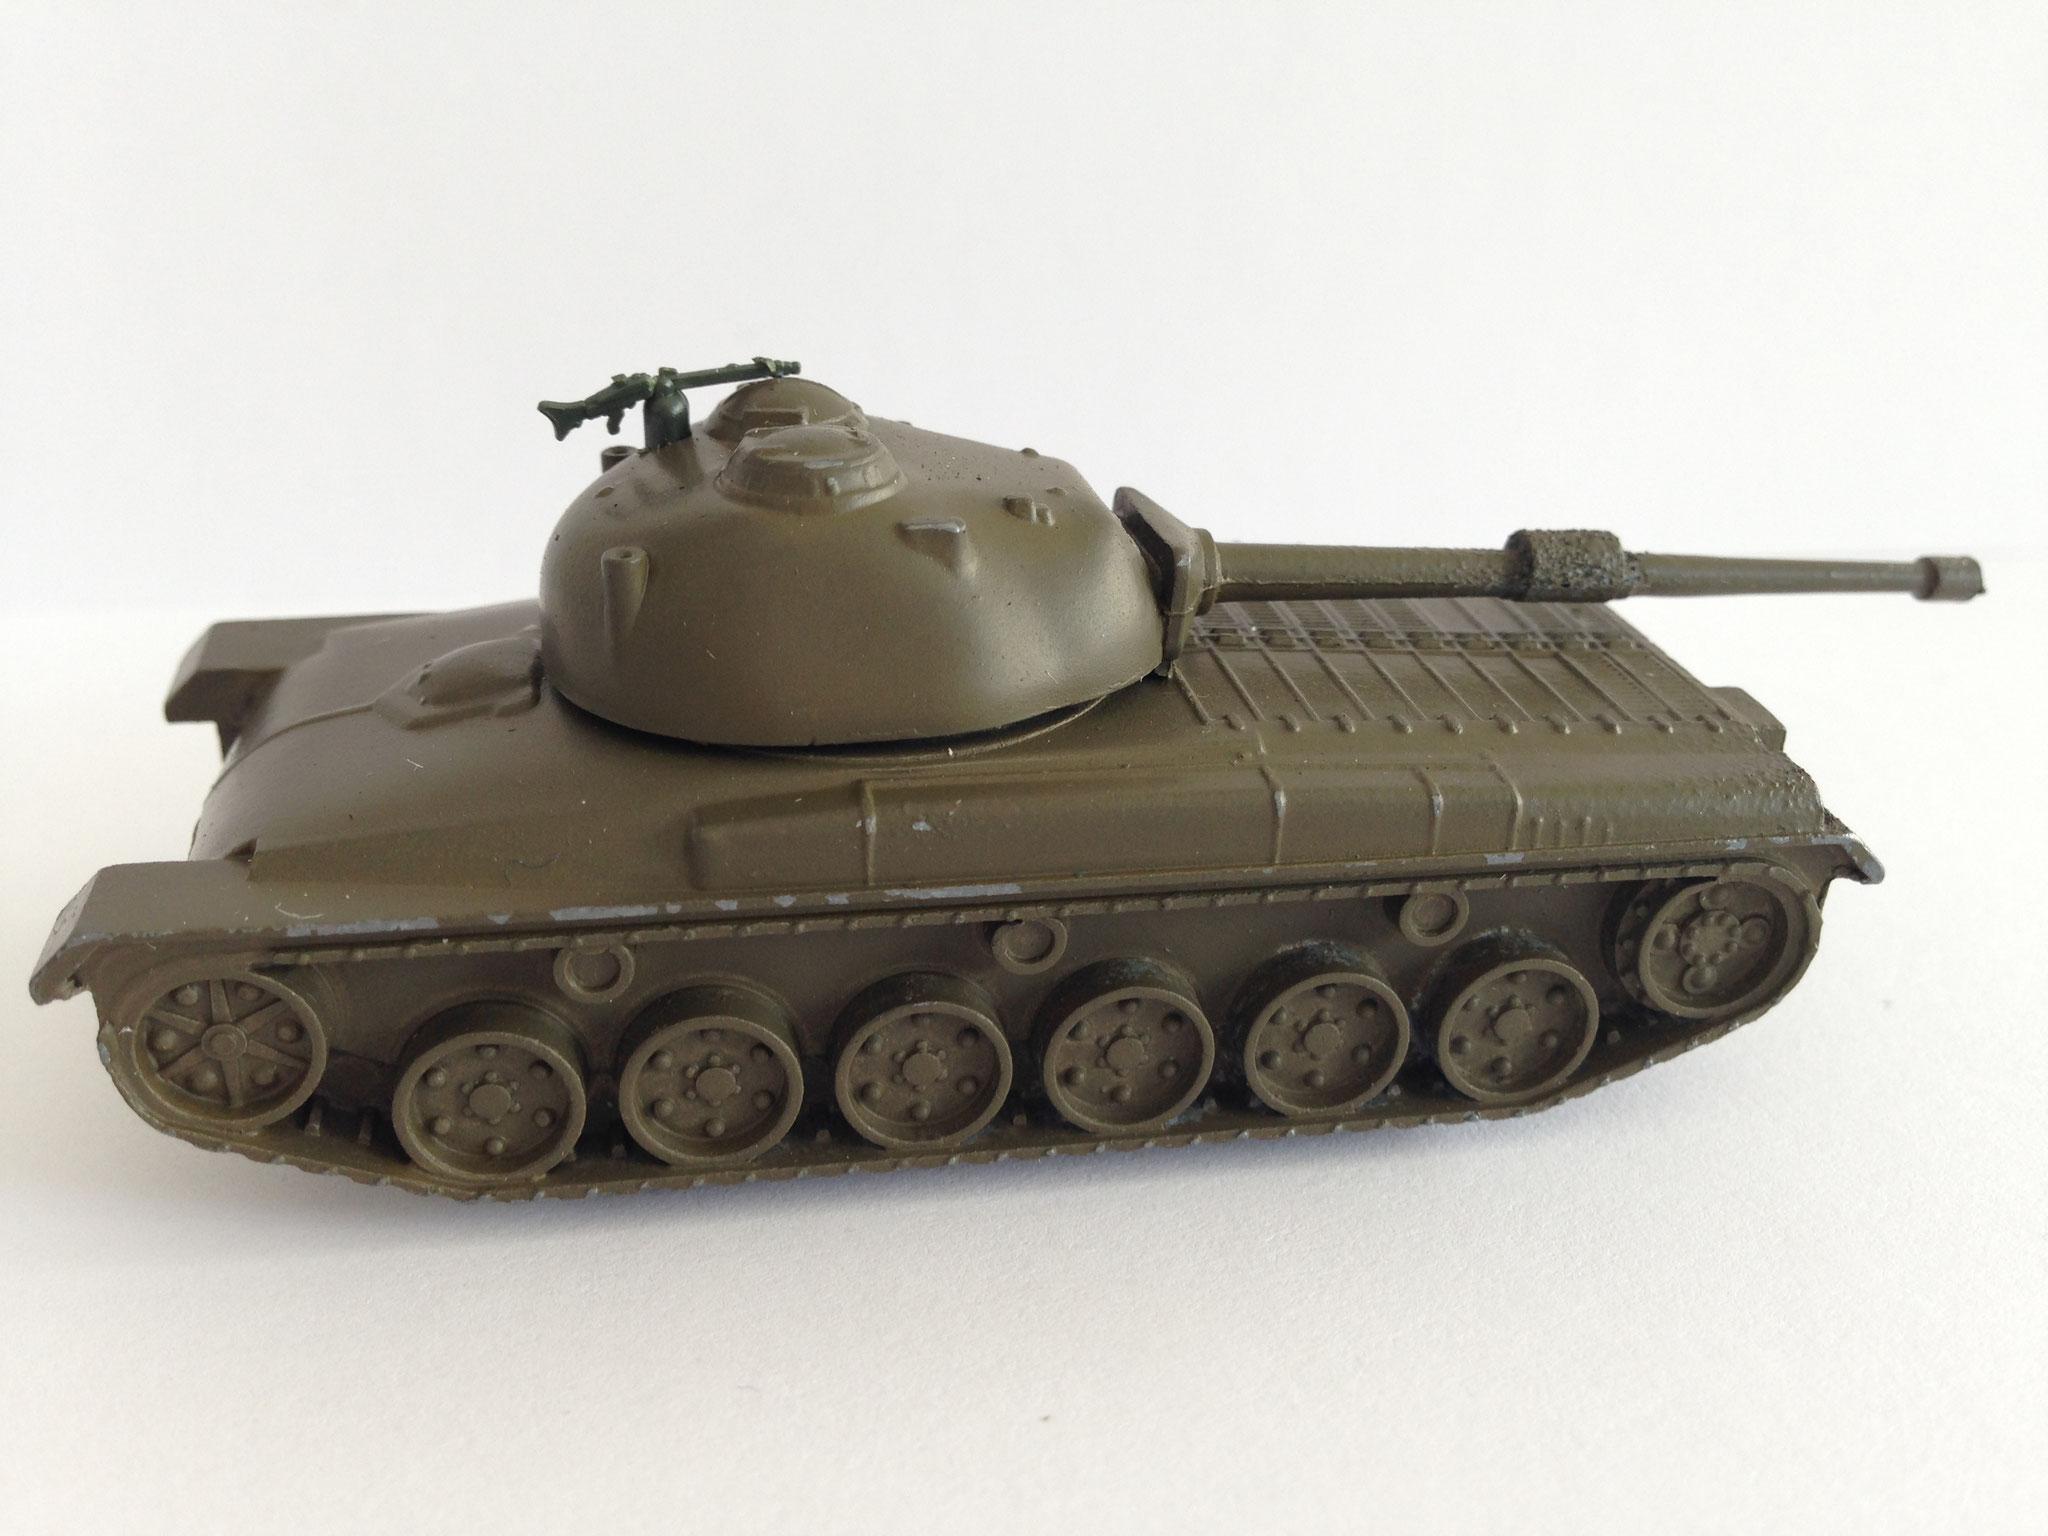 Panzer 61, Schweiz, Metallmodell, braun, Serie für Schweiz mit MG 34, Art. Nr. 187